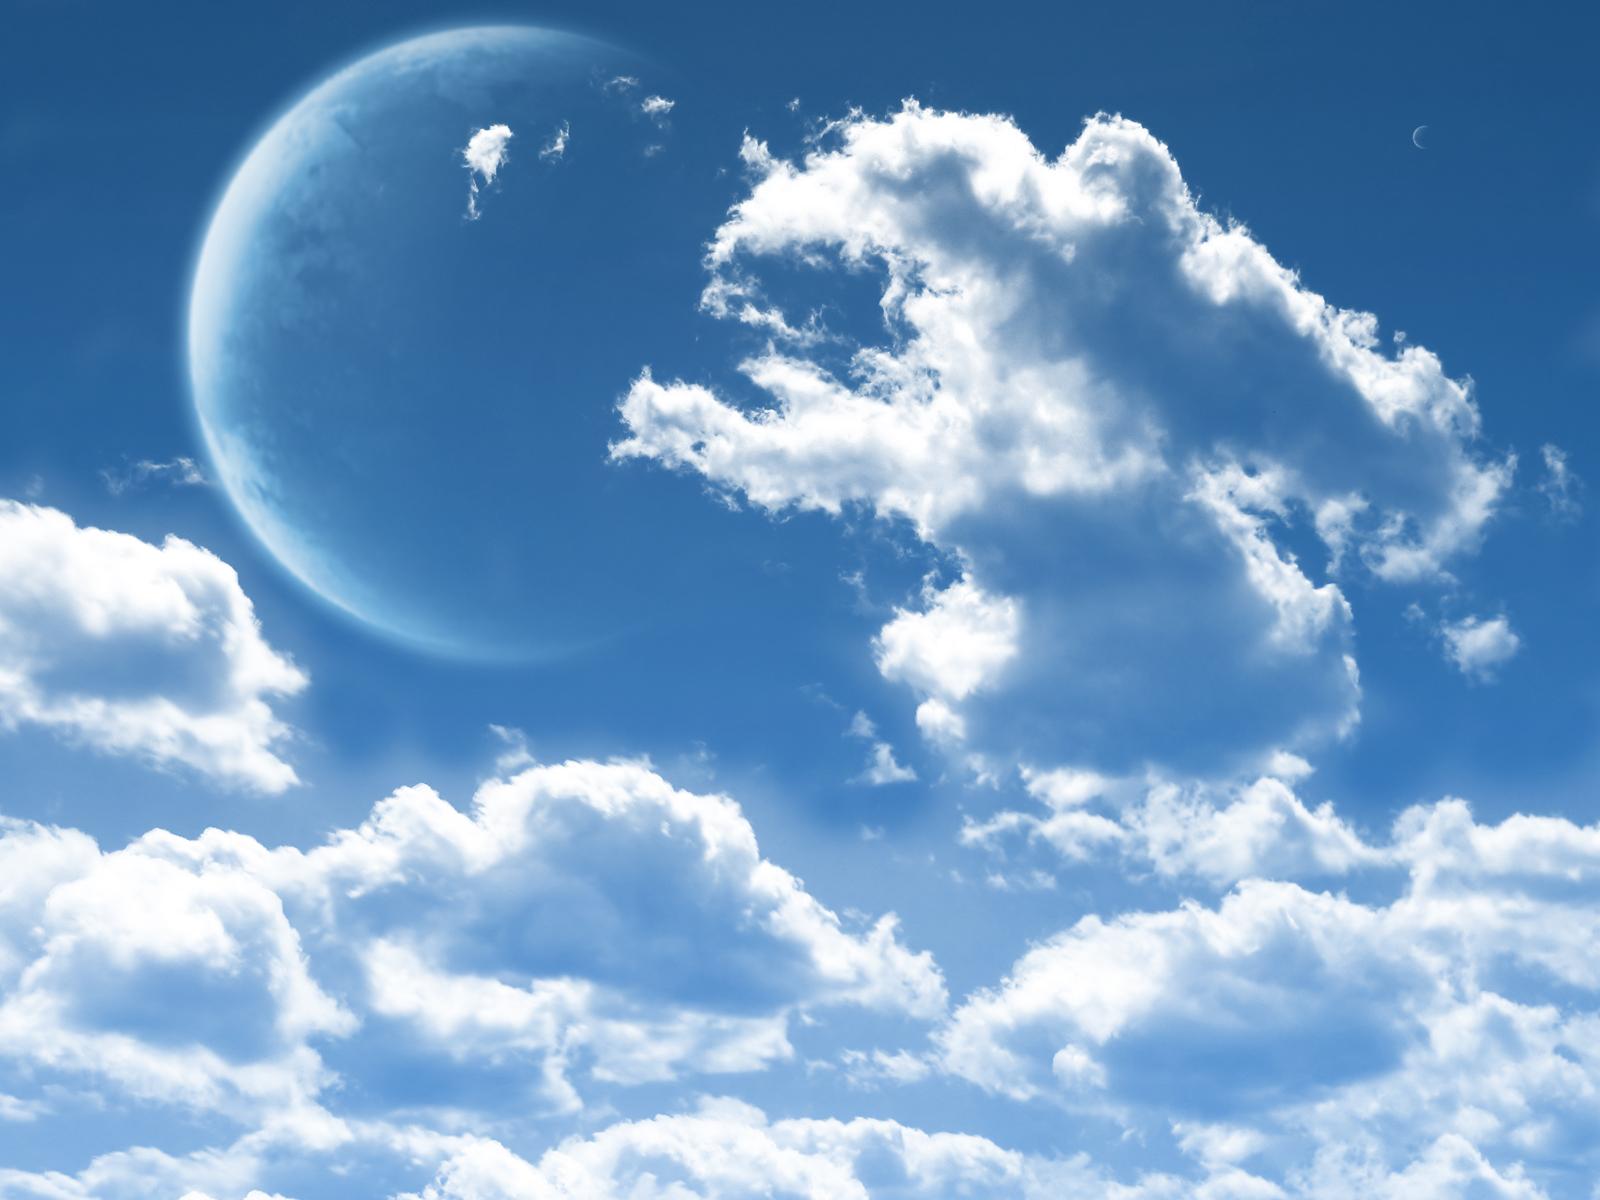 Clouds Wallpaper 1600x1200 Clouds 1600x1200